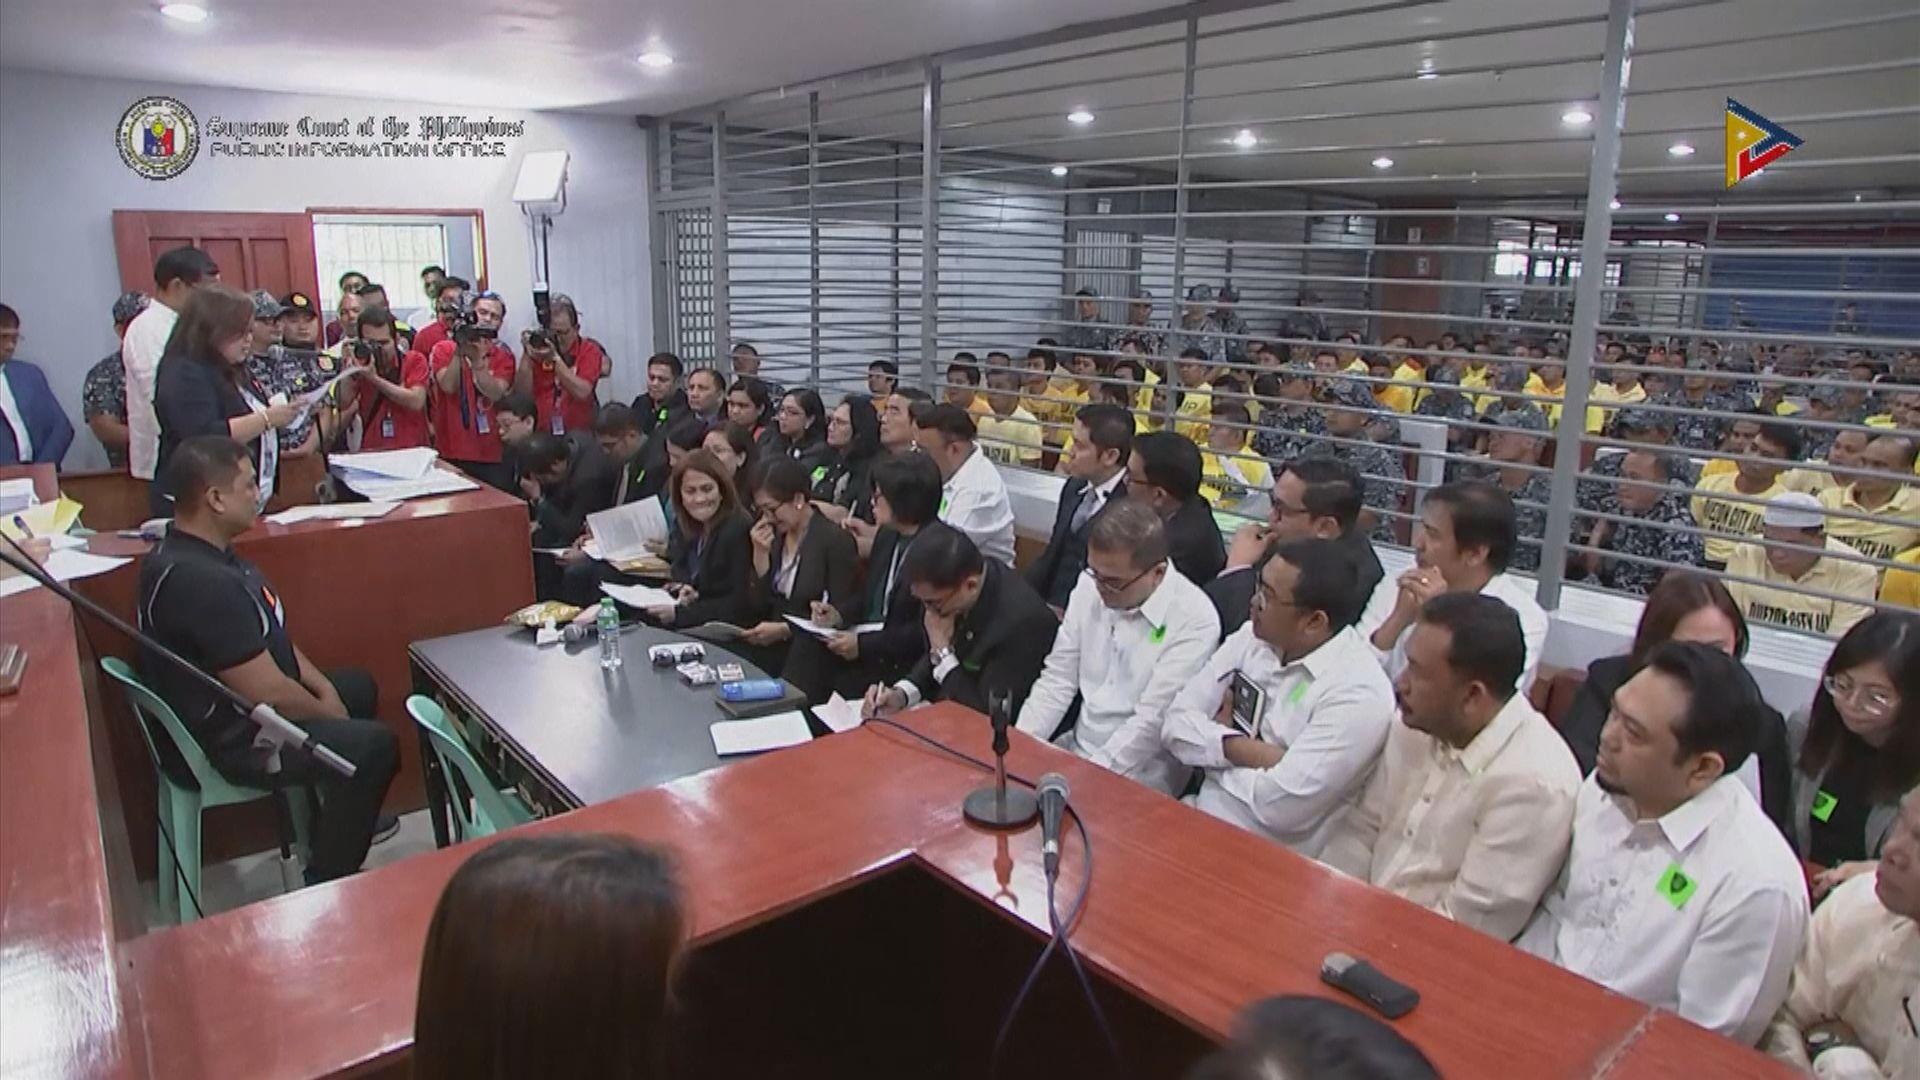 菲律賓南部屠殺案多人被判罪成